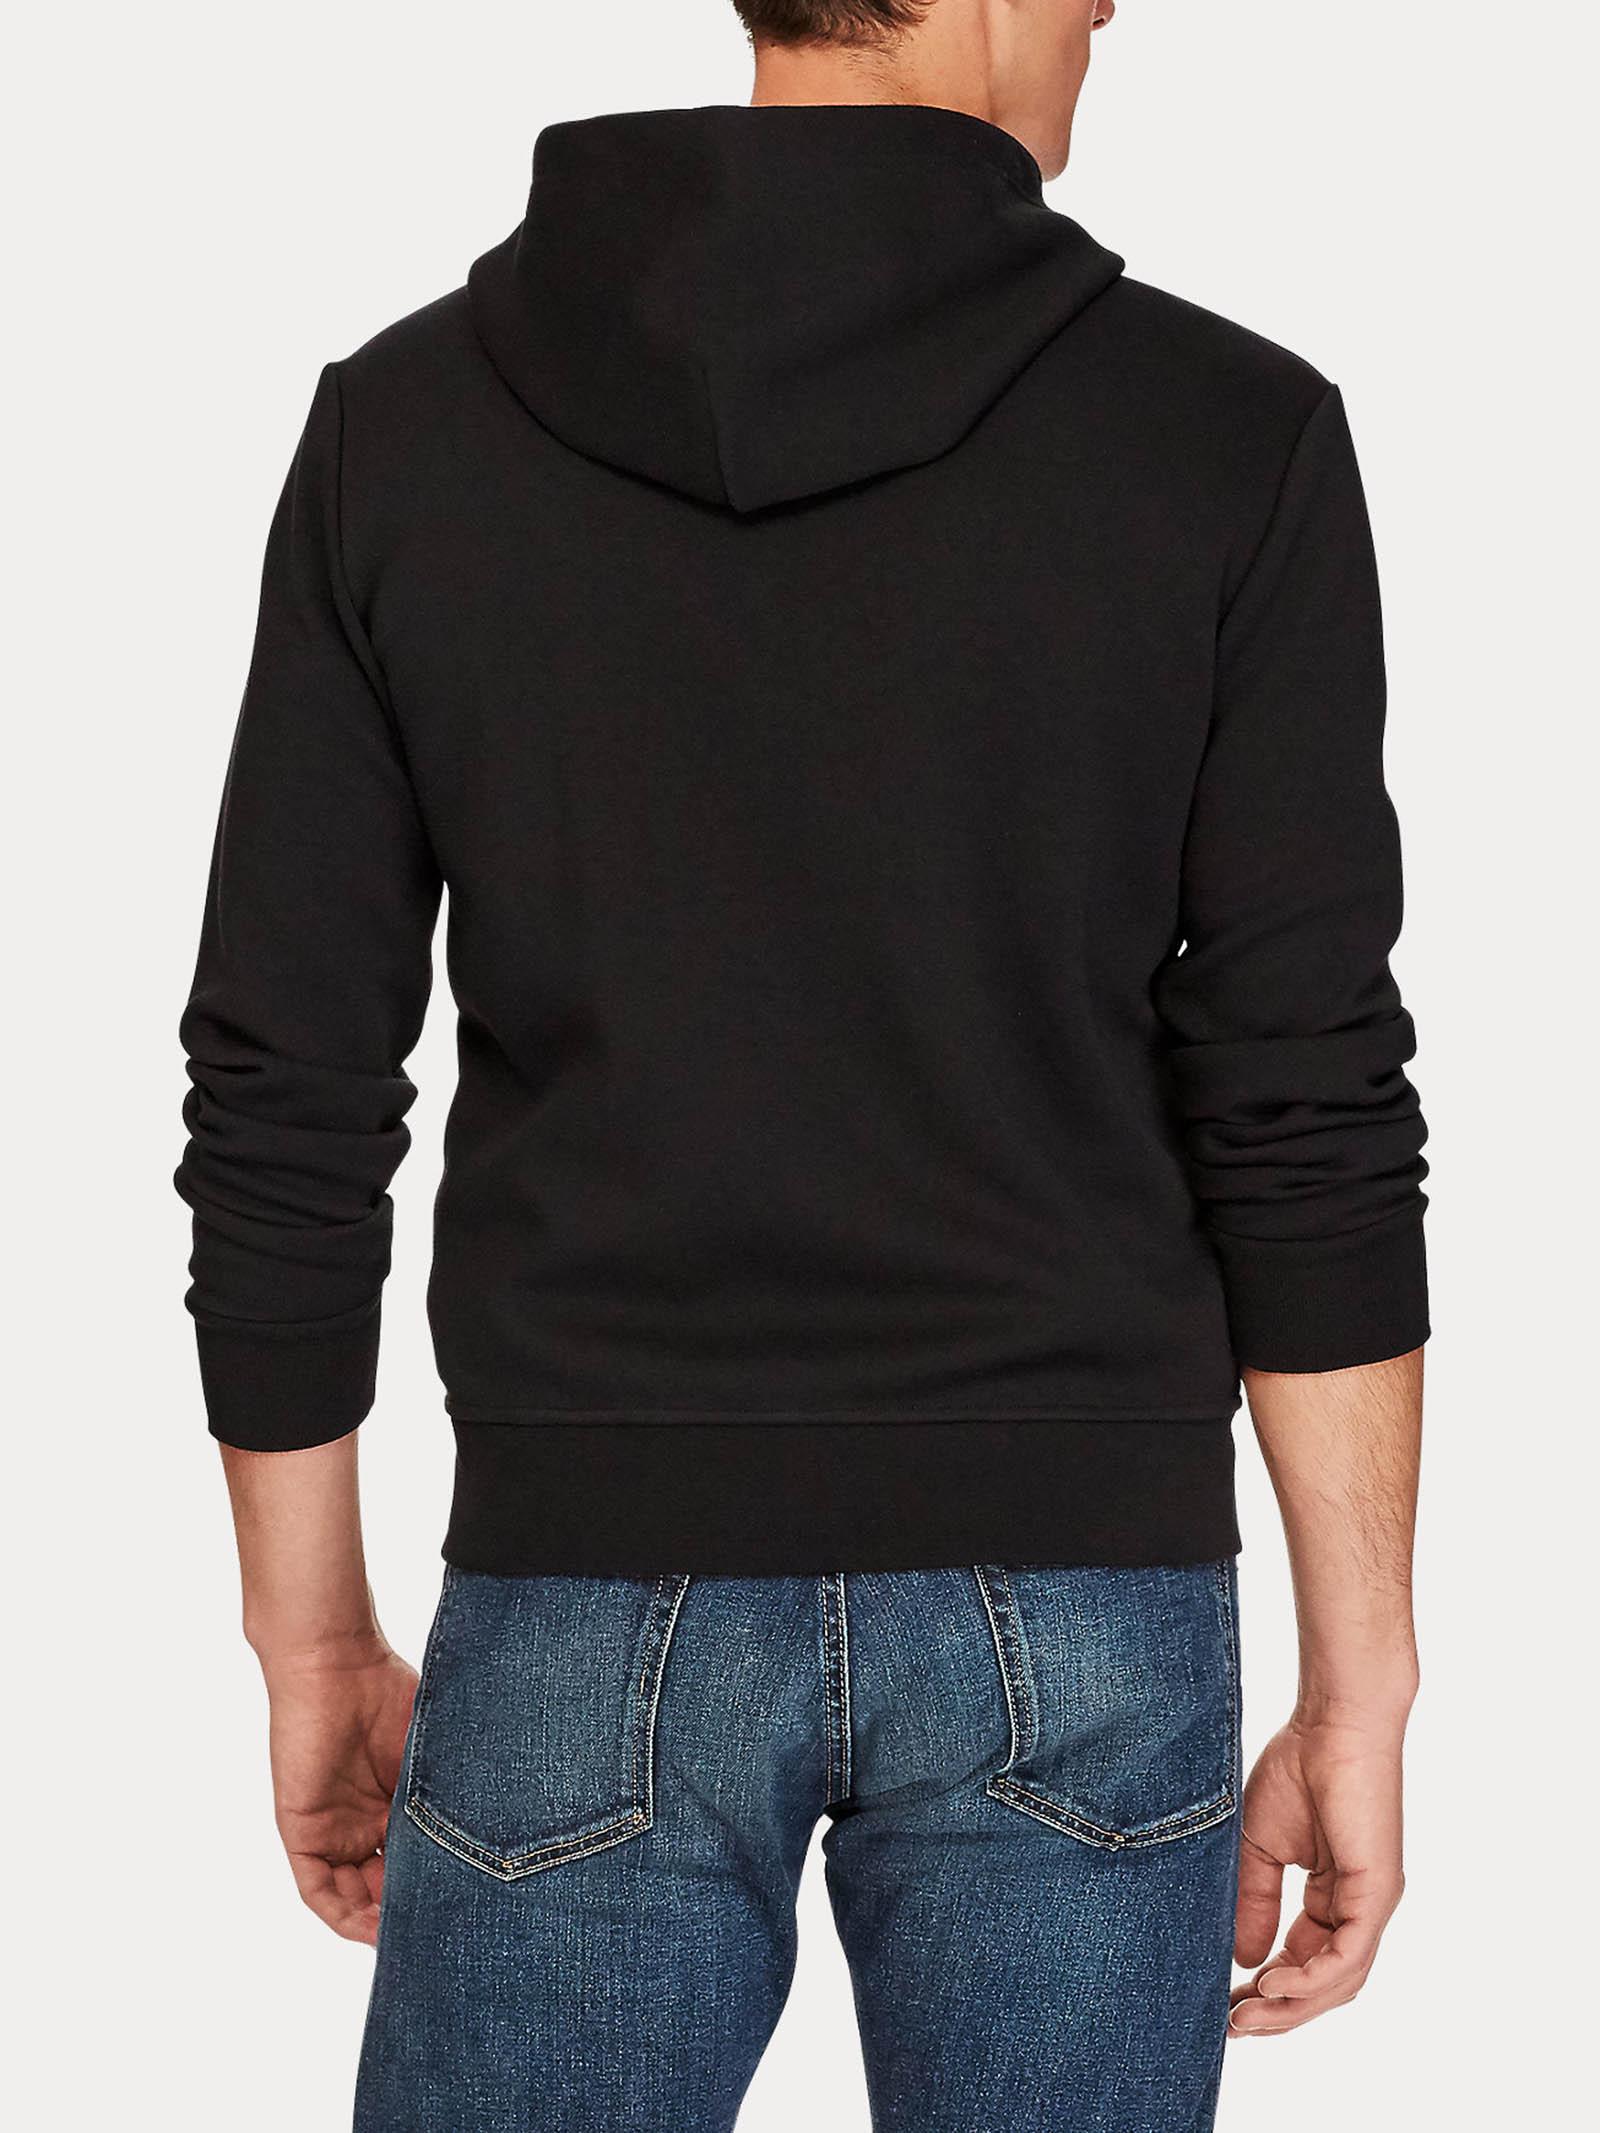 Felpa con cappuccio e zip a maglia doppia RALPH LAUREN   Felpa   710-652313001